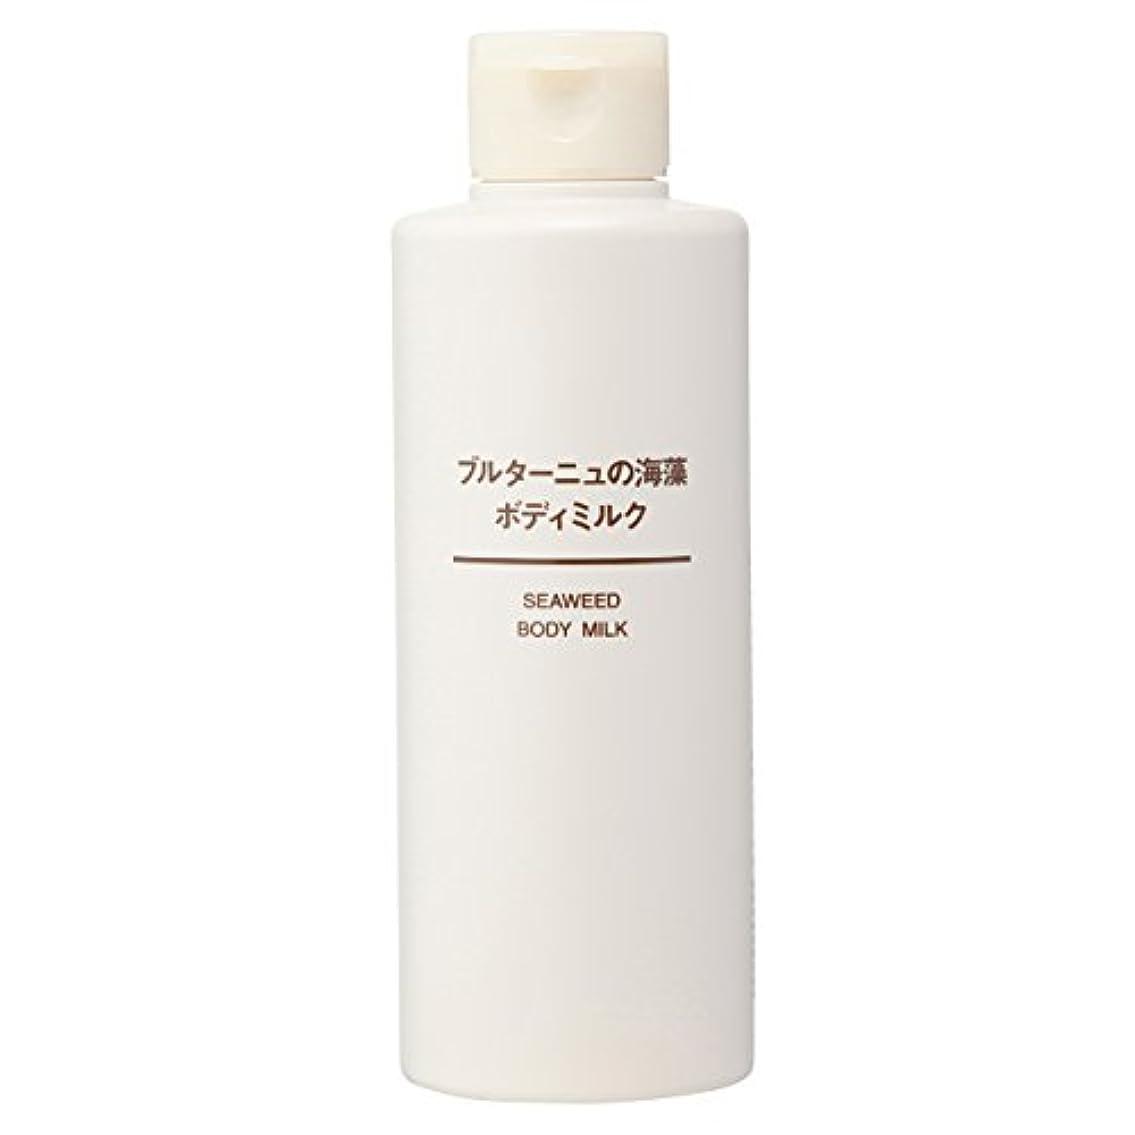 程度略語強度無印良品 ブルターニュの海藻 ボディミルク 200ml 日本製